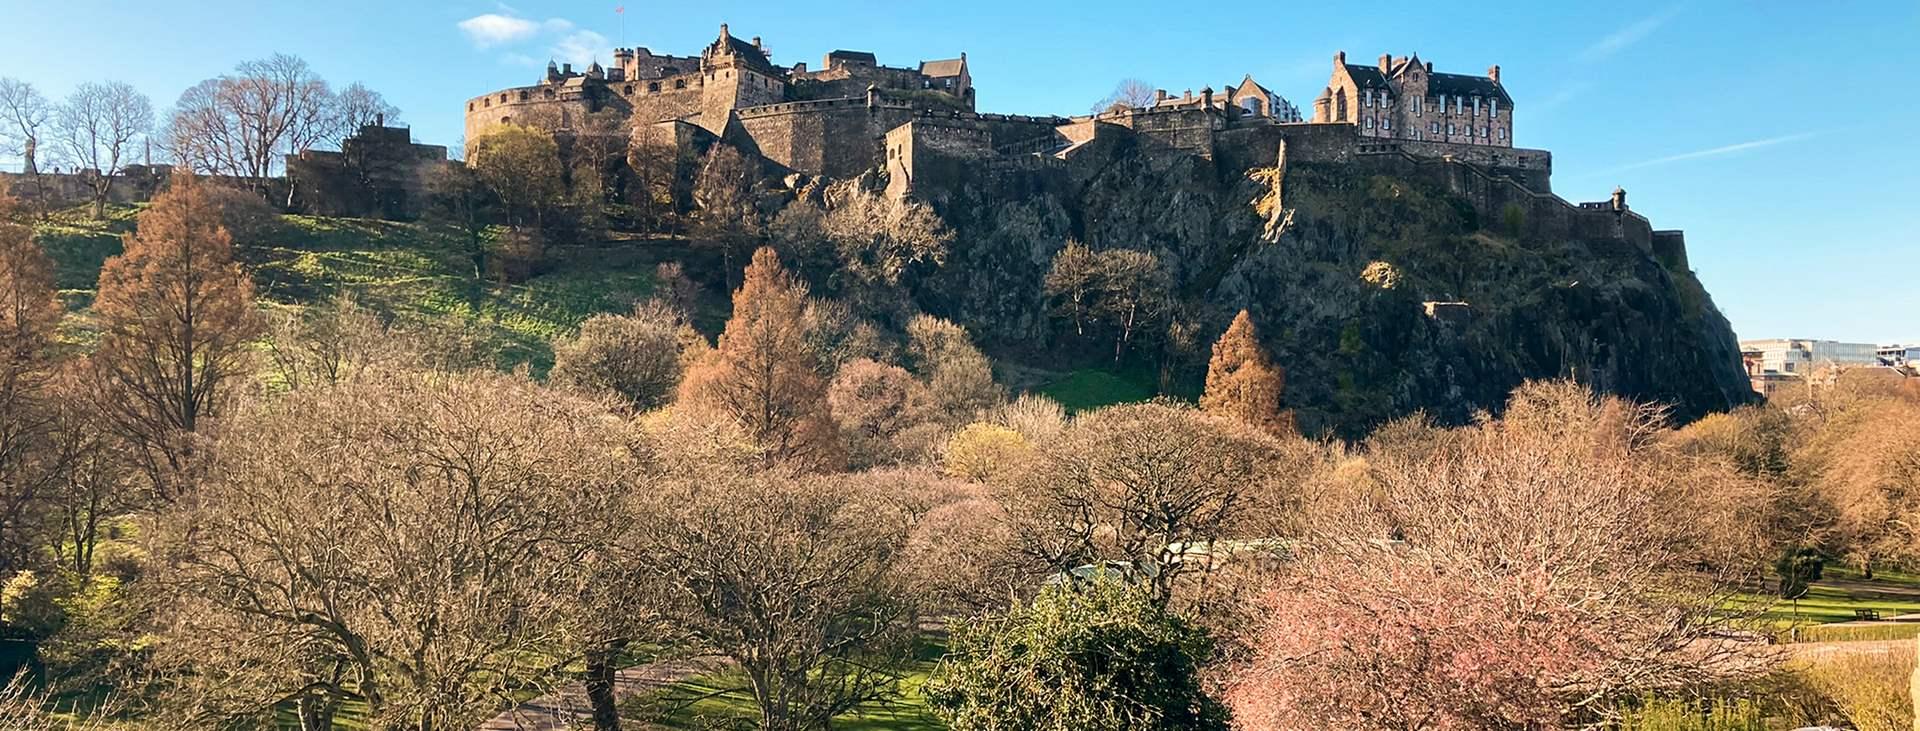 Lähde nauttimaan Skotlannin ylämaiden maisemista! Varaa matkasi Edinburghiin Tjäreborgilta.